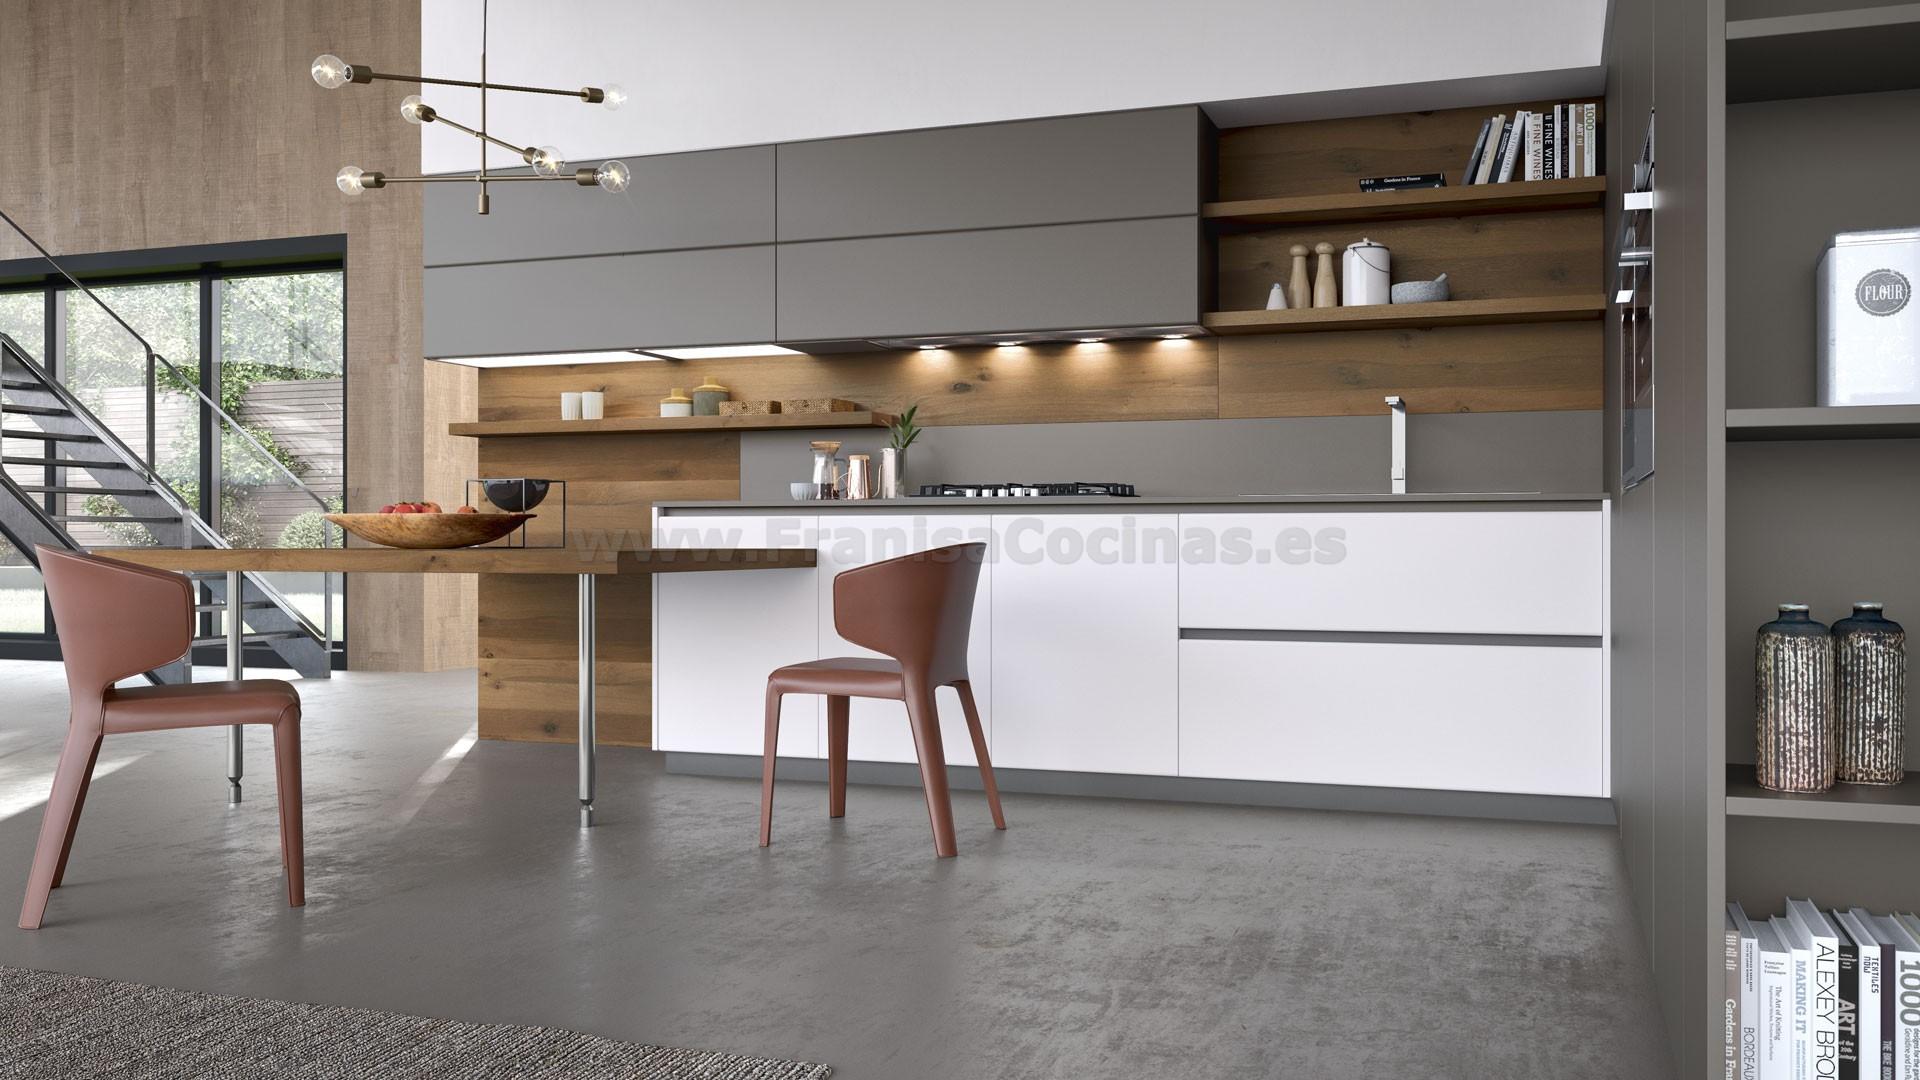 Franisa cocinas muebles de cocina muebles de ba o y for Muebles cocina valladolid